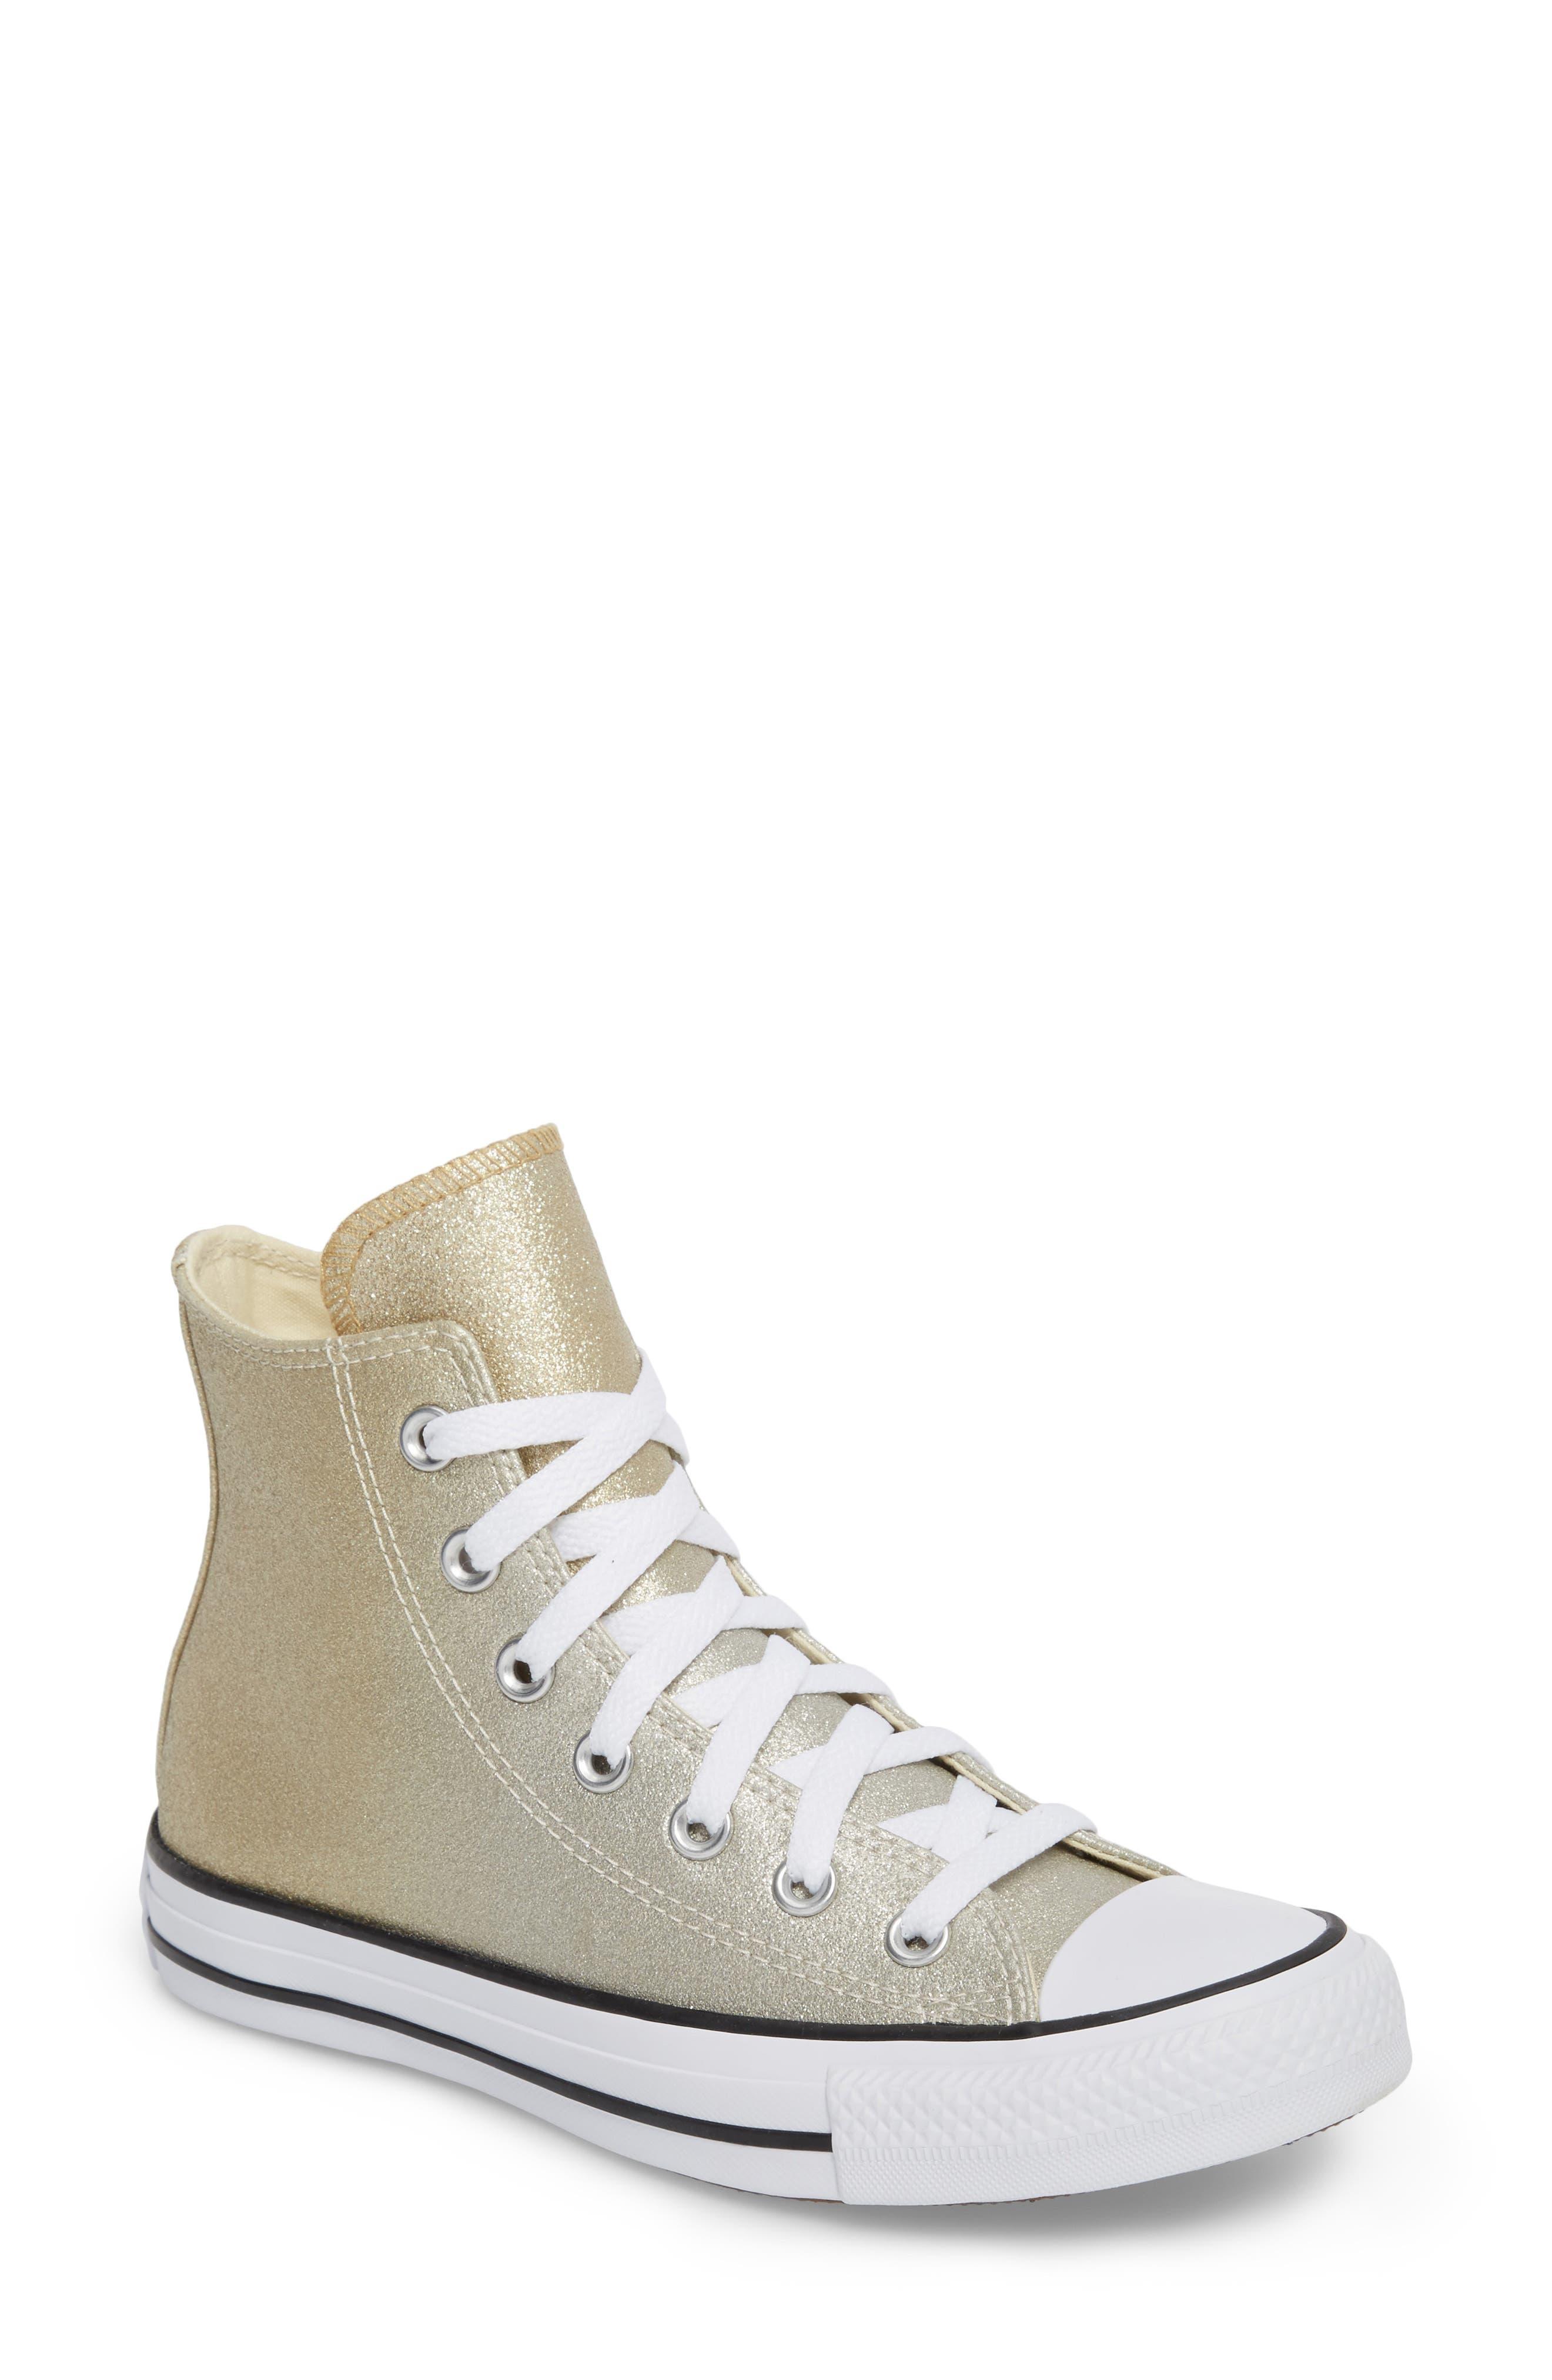 Converse Chuck Taylor® All Star® Ombré Metallic High Top Sneaker (Women)